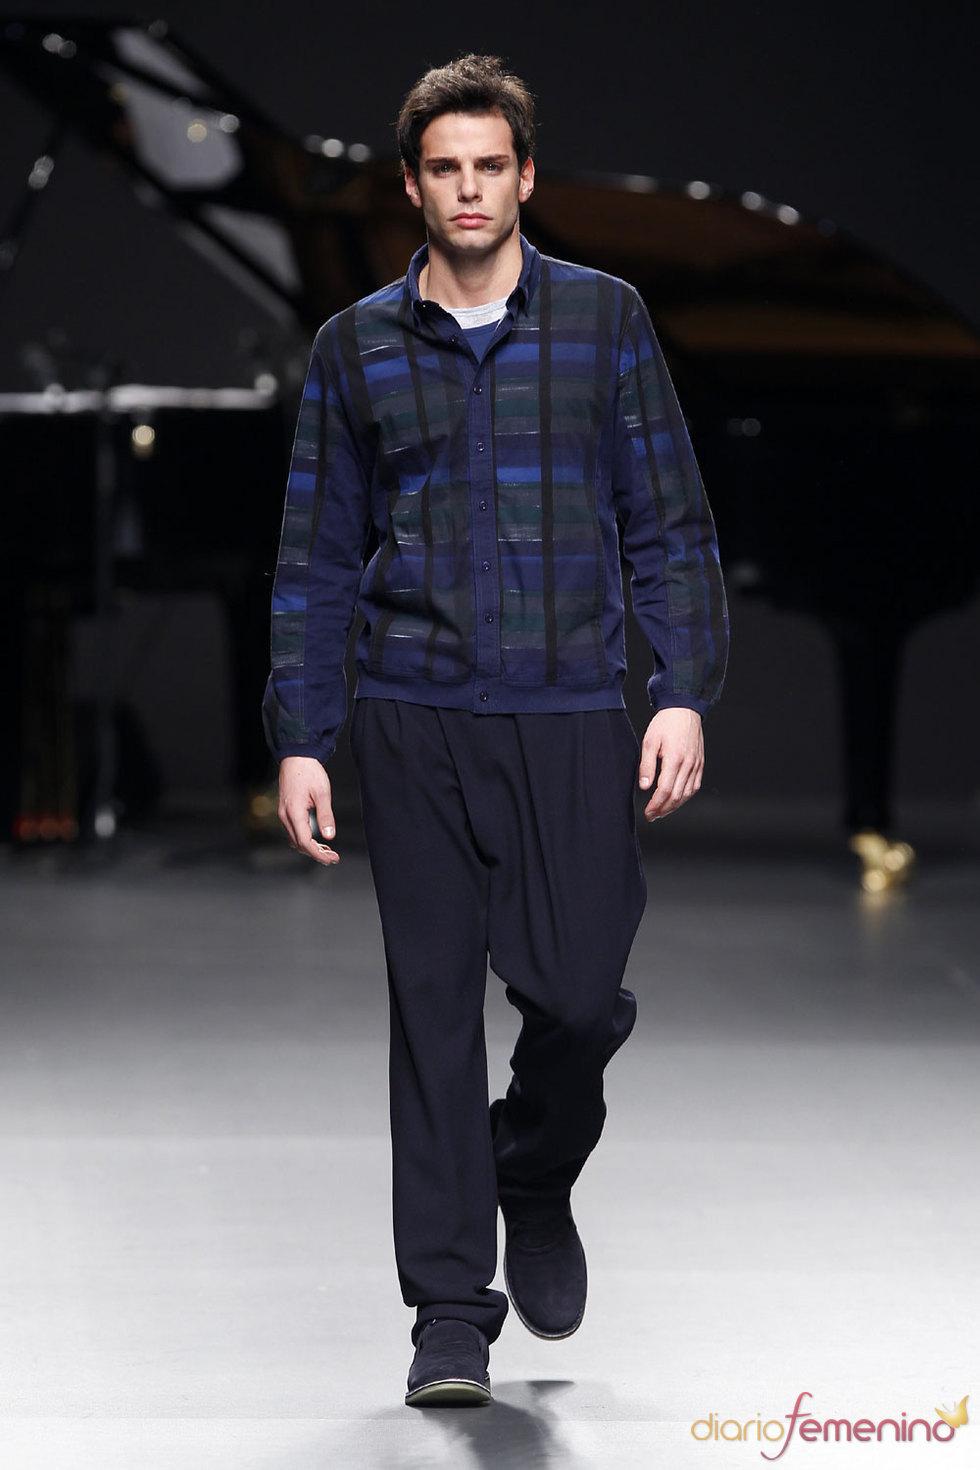 Moda masculina de Adolfo Domínguez en la Pasarela Cibeles 2010